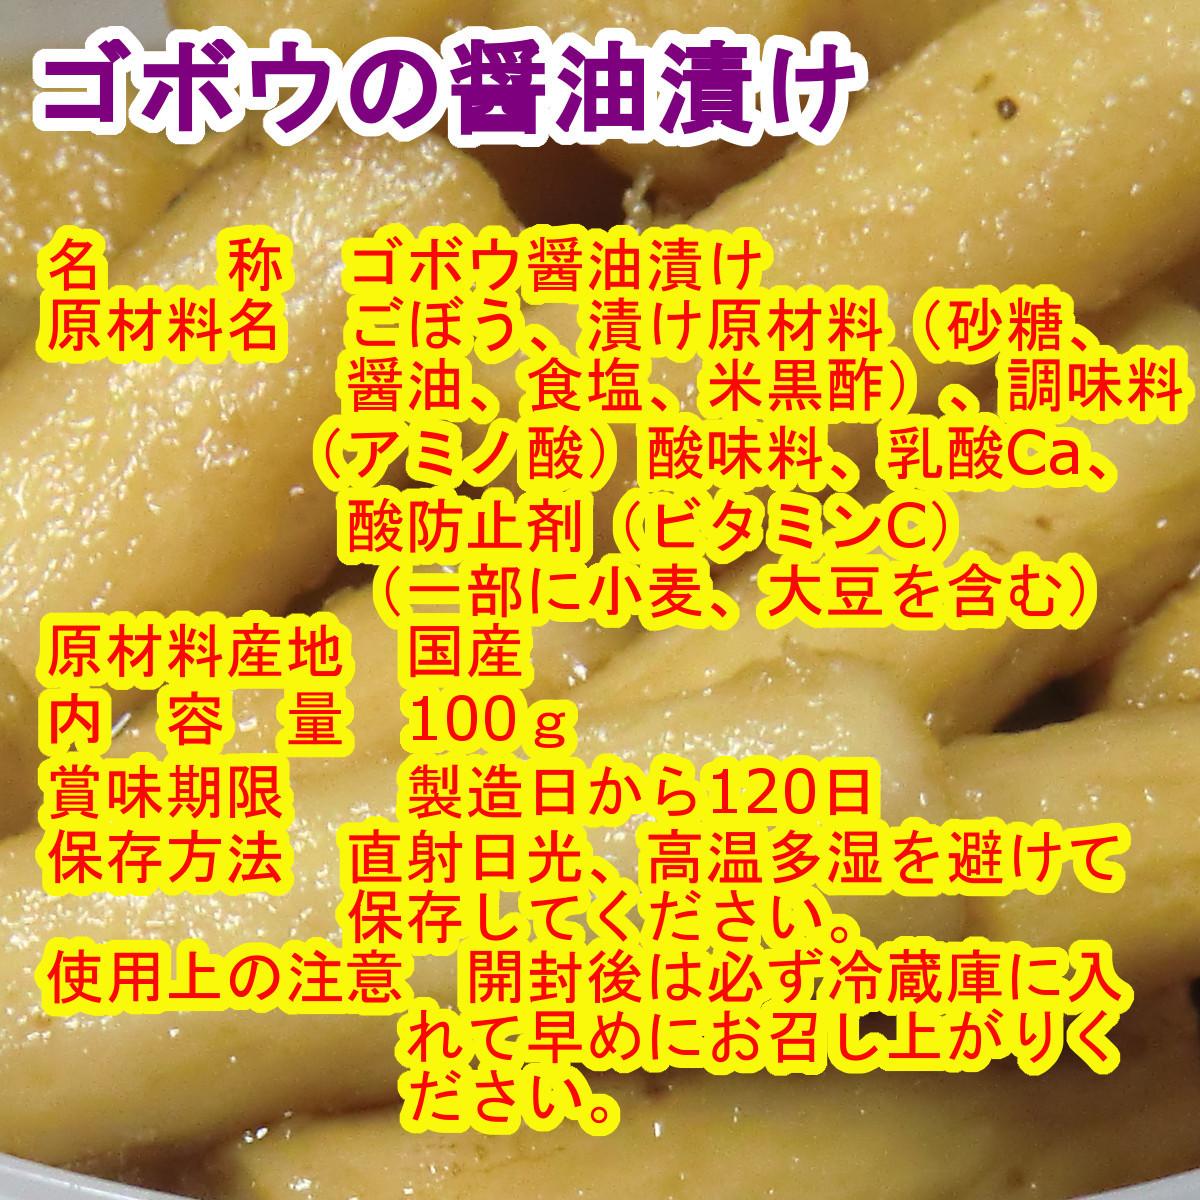 おかず3種2セット  梅っこきゅうり ごぼう たくあん ご飯のお供 おにぎり おつまみ 宮崎県産のお漬物 送料無料 _画像7